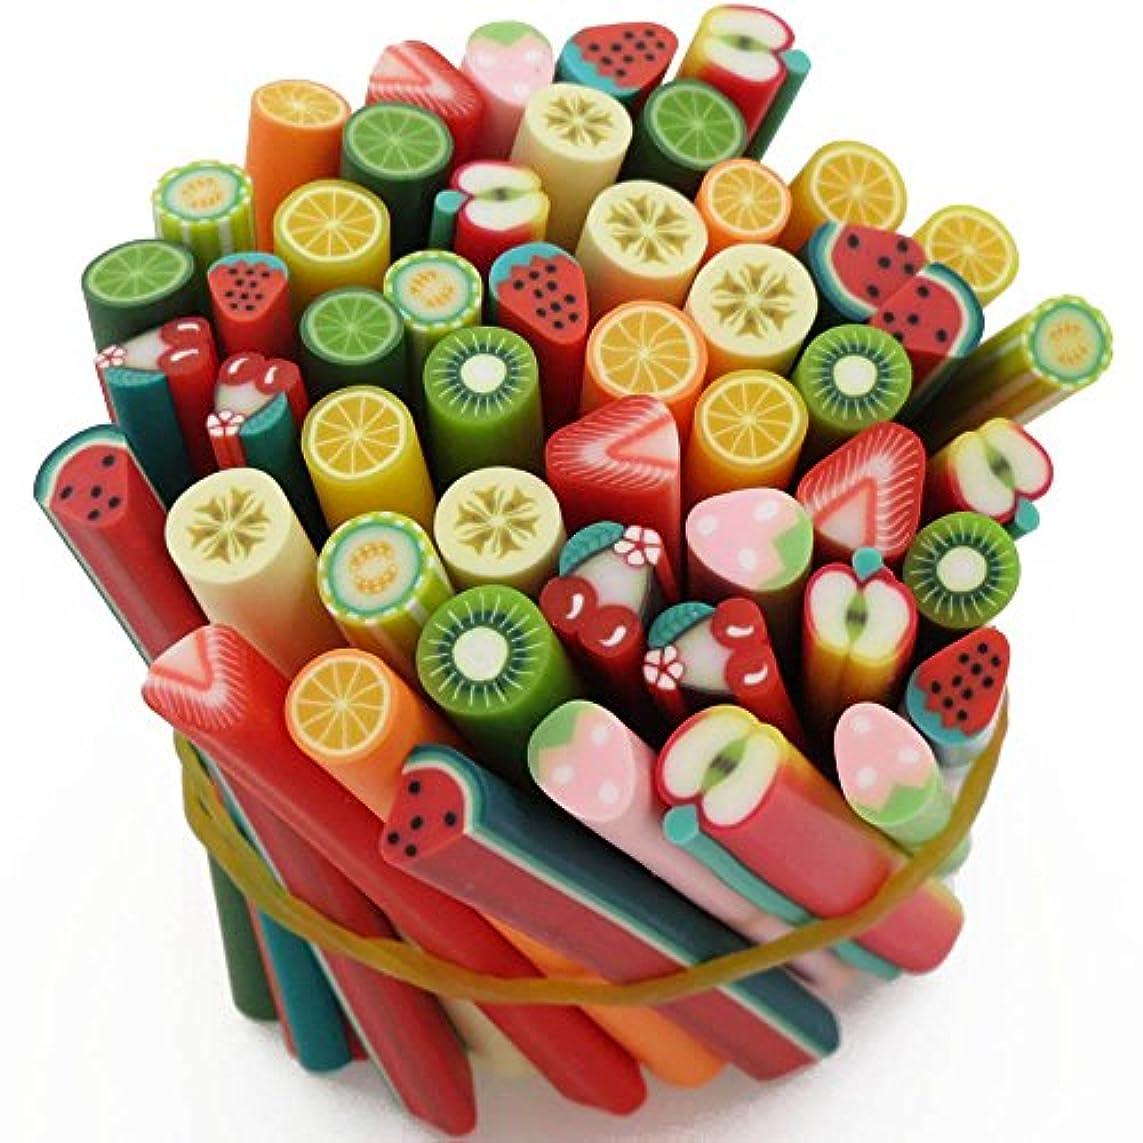 傾いた雑多な保存スライス棒 人気フルーツ棒 12種類限定 約50本セット